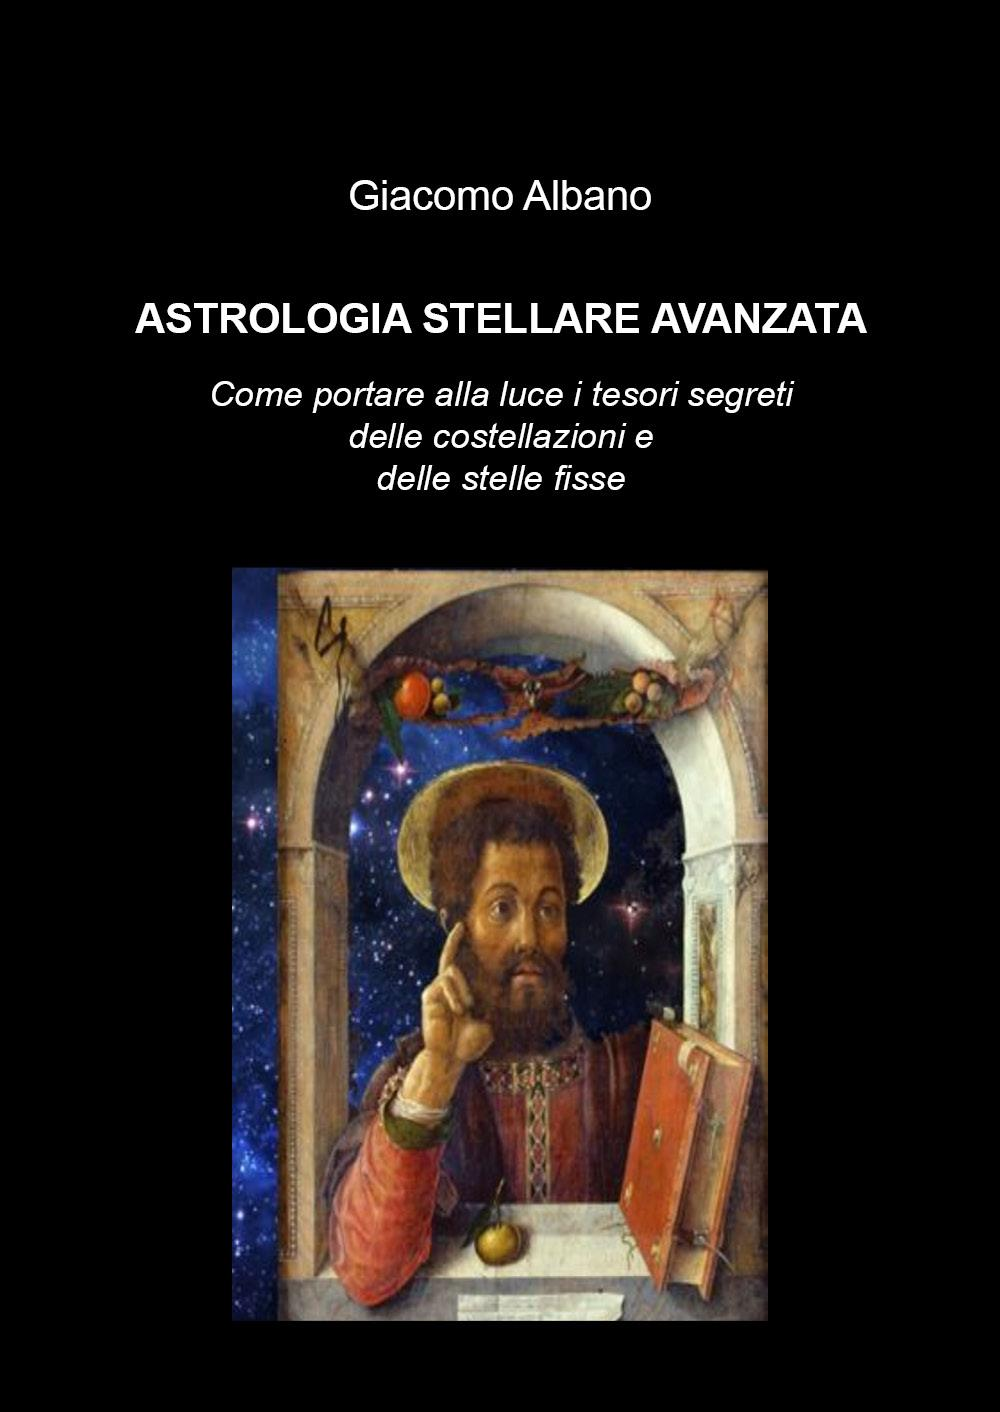 Astrologia stellare avanzata. Come portare alla luce i tesori segreti delle costellazioni delle stelle fisse